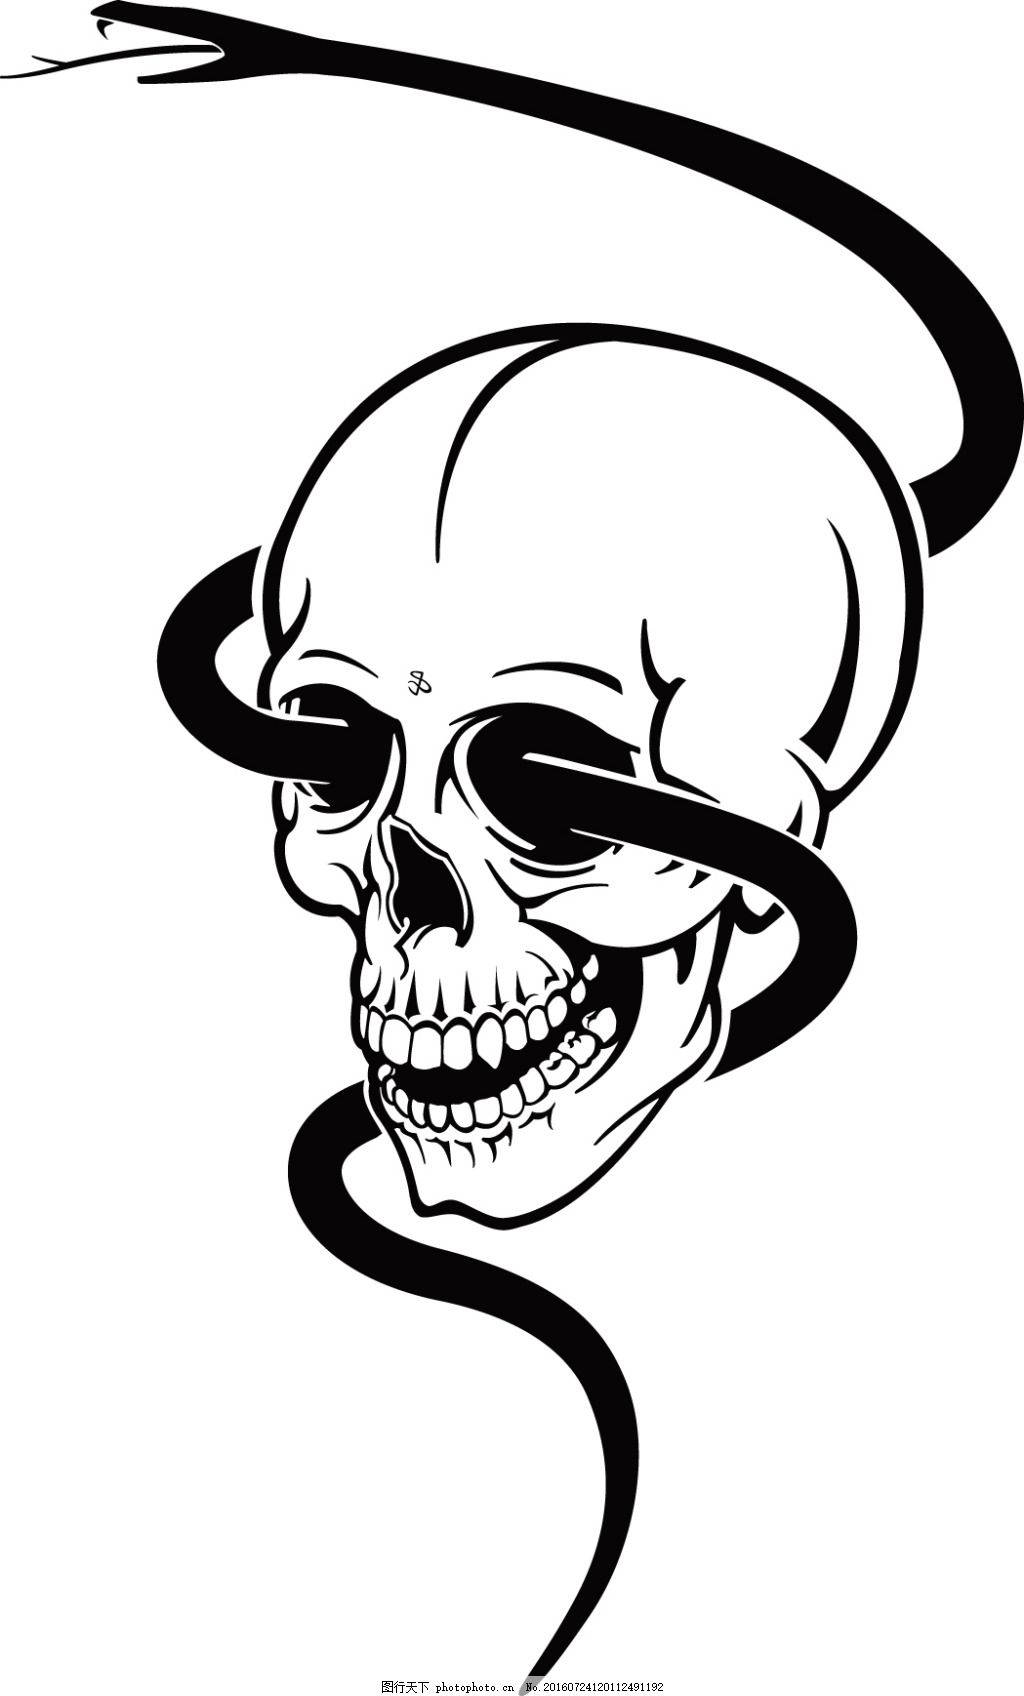 恐怖骷颅头素材 头骨 恐怖素材 万圣节 万圣节素材 蛇 手绘插画